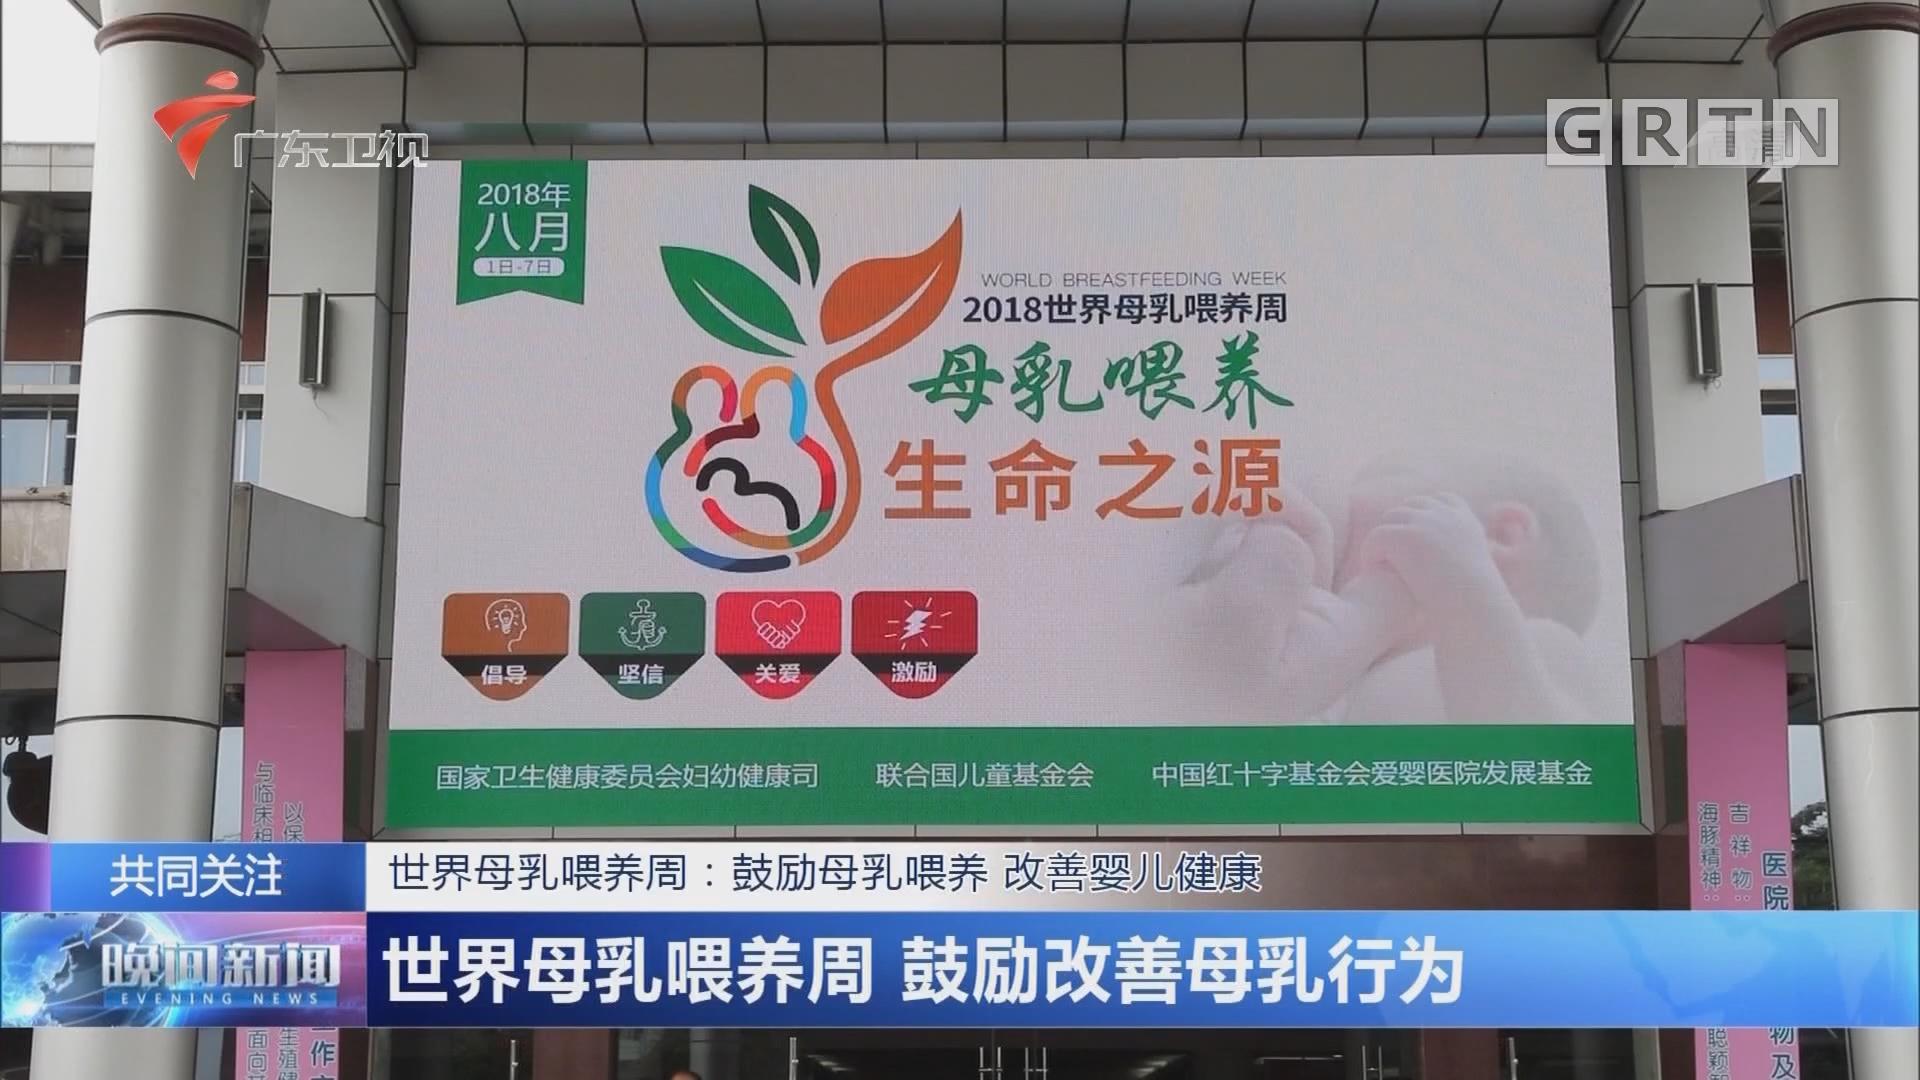 世界母乳喂养周:鼓励母乳喂养 改善婴儿健康 世界母乳喂养周 鼓励改善母乳行为